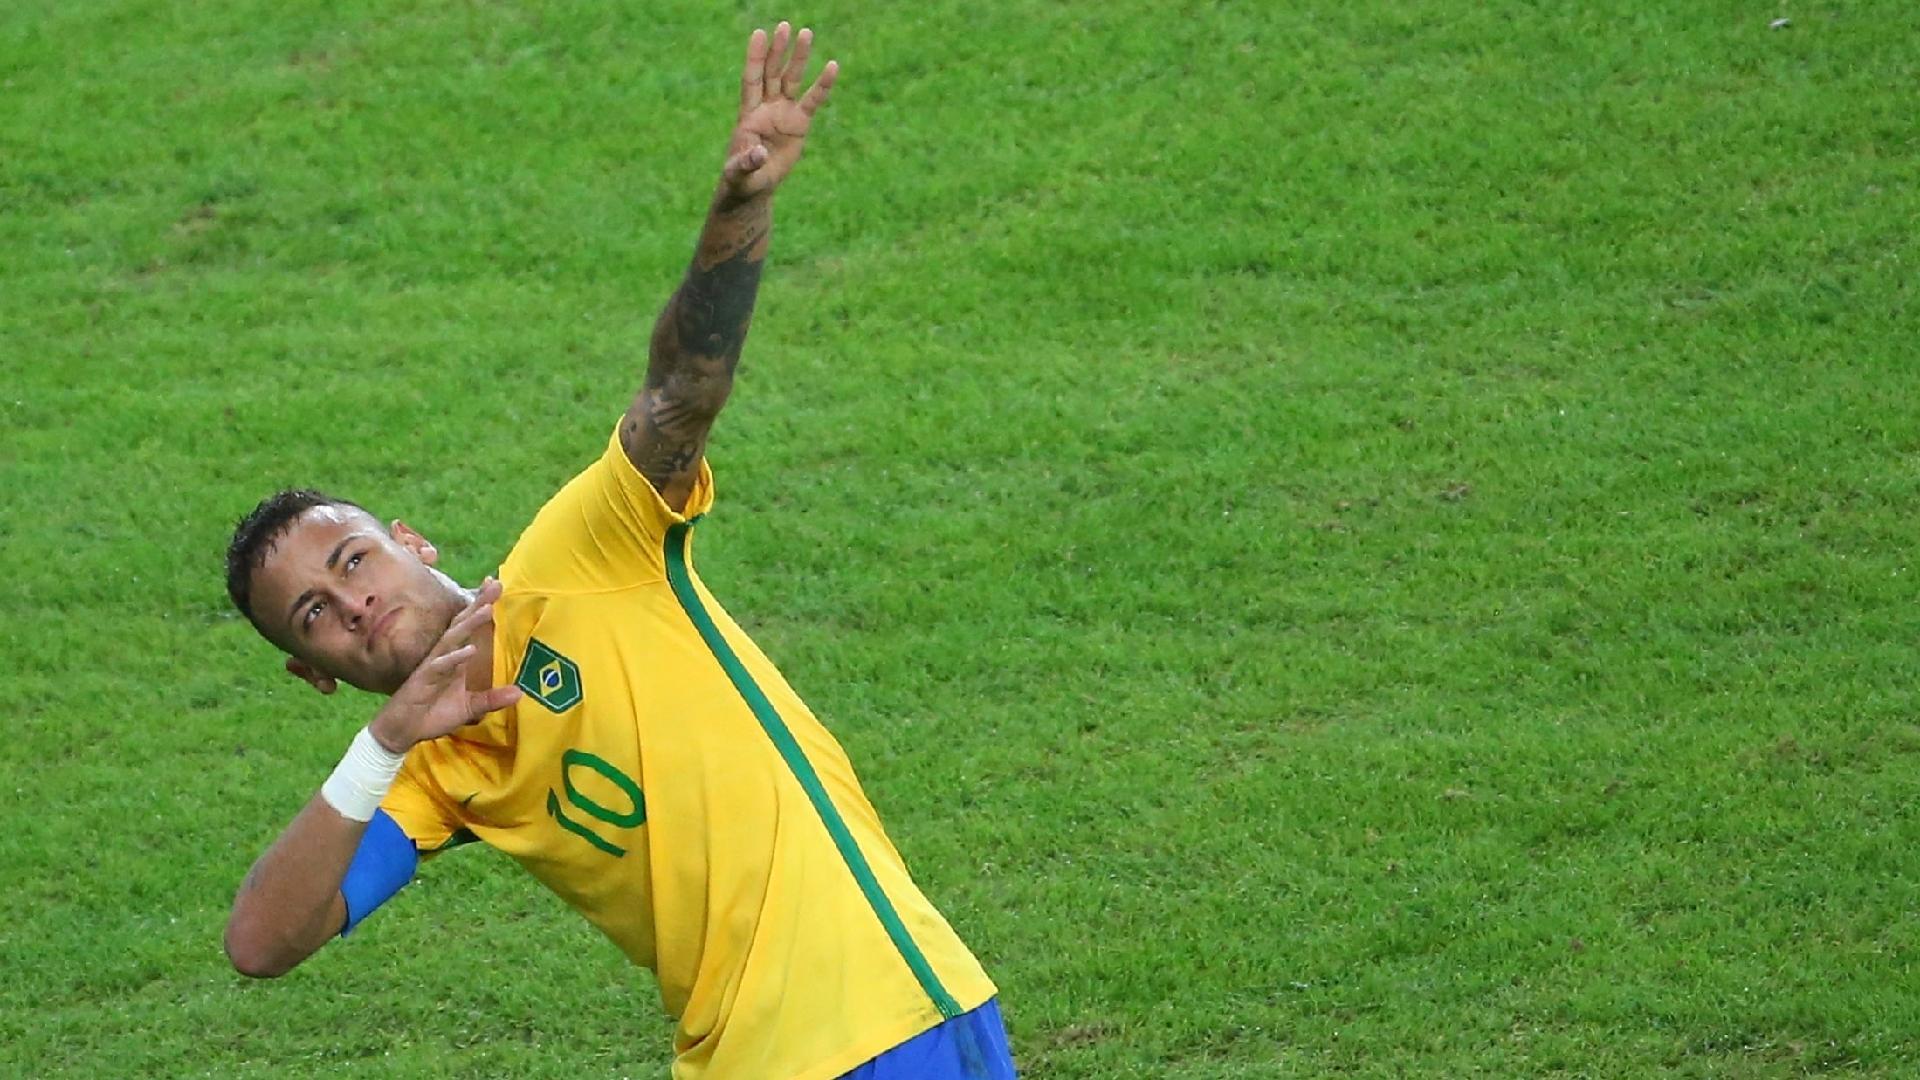 Neymar comemora primeiro gol da seleção brasileira à la Usain Bolt no Maracanã